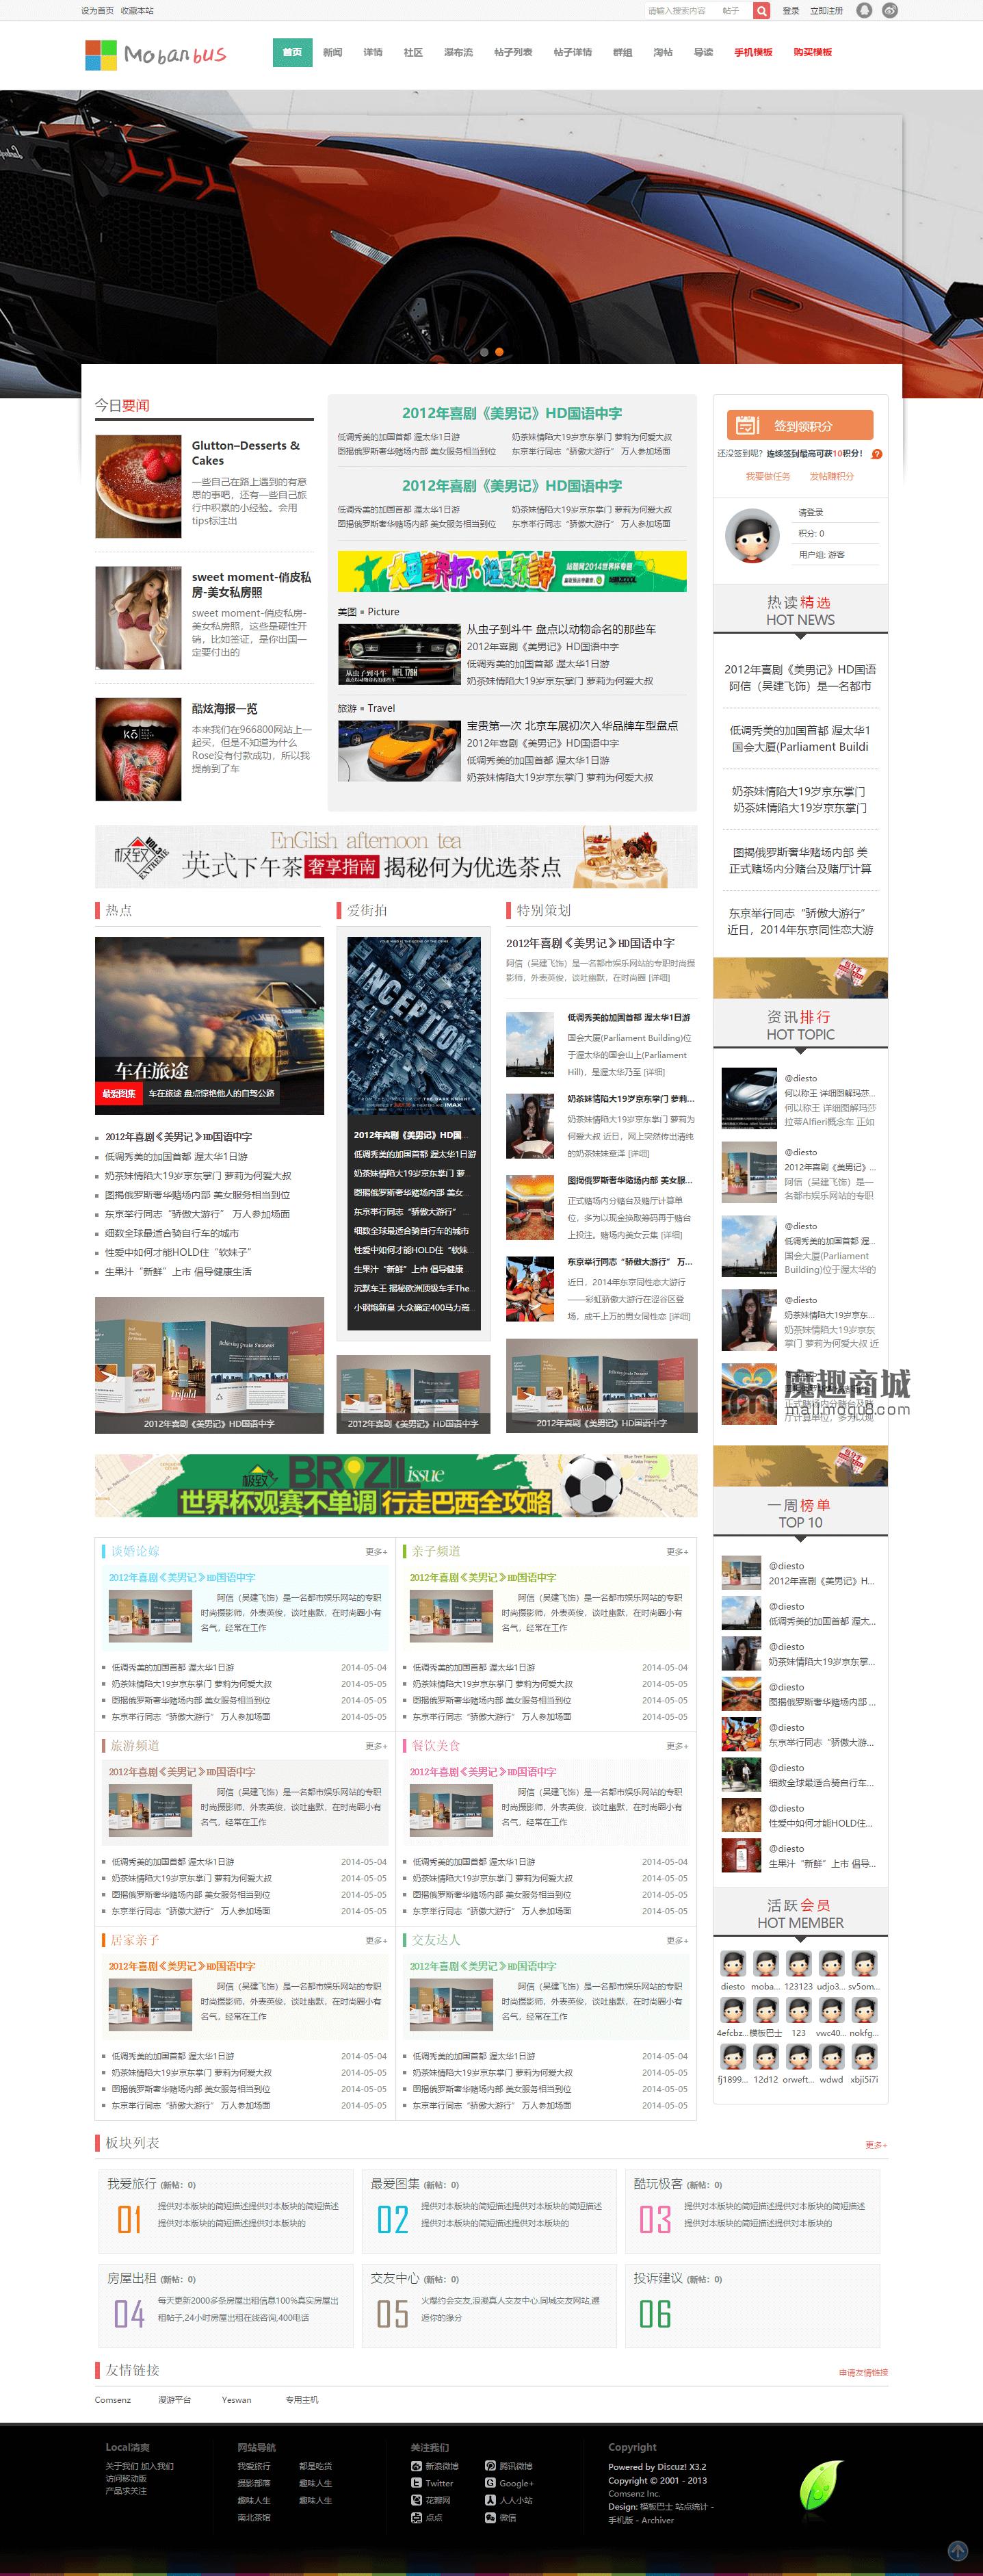 魔趣清爽娱乐新闻资讯媒体模板